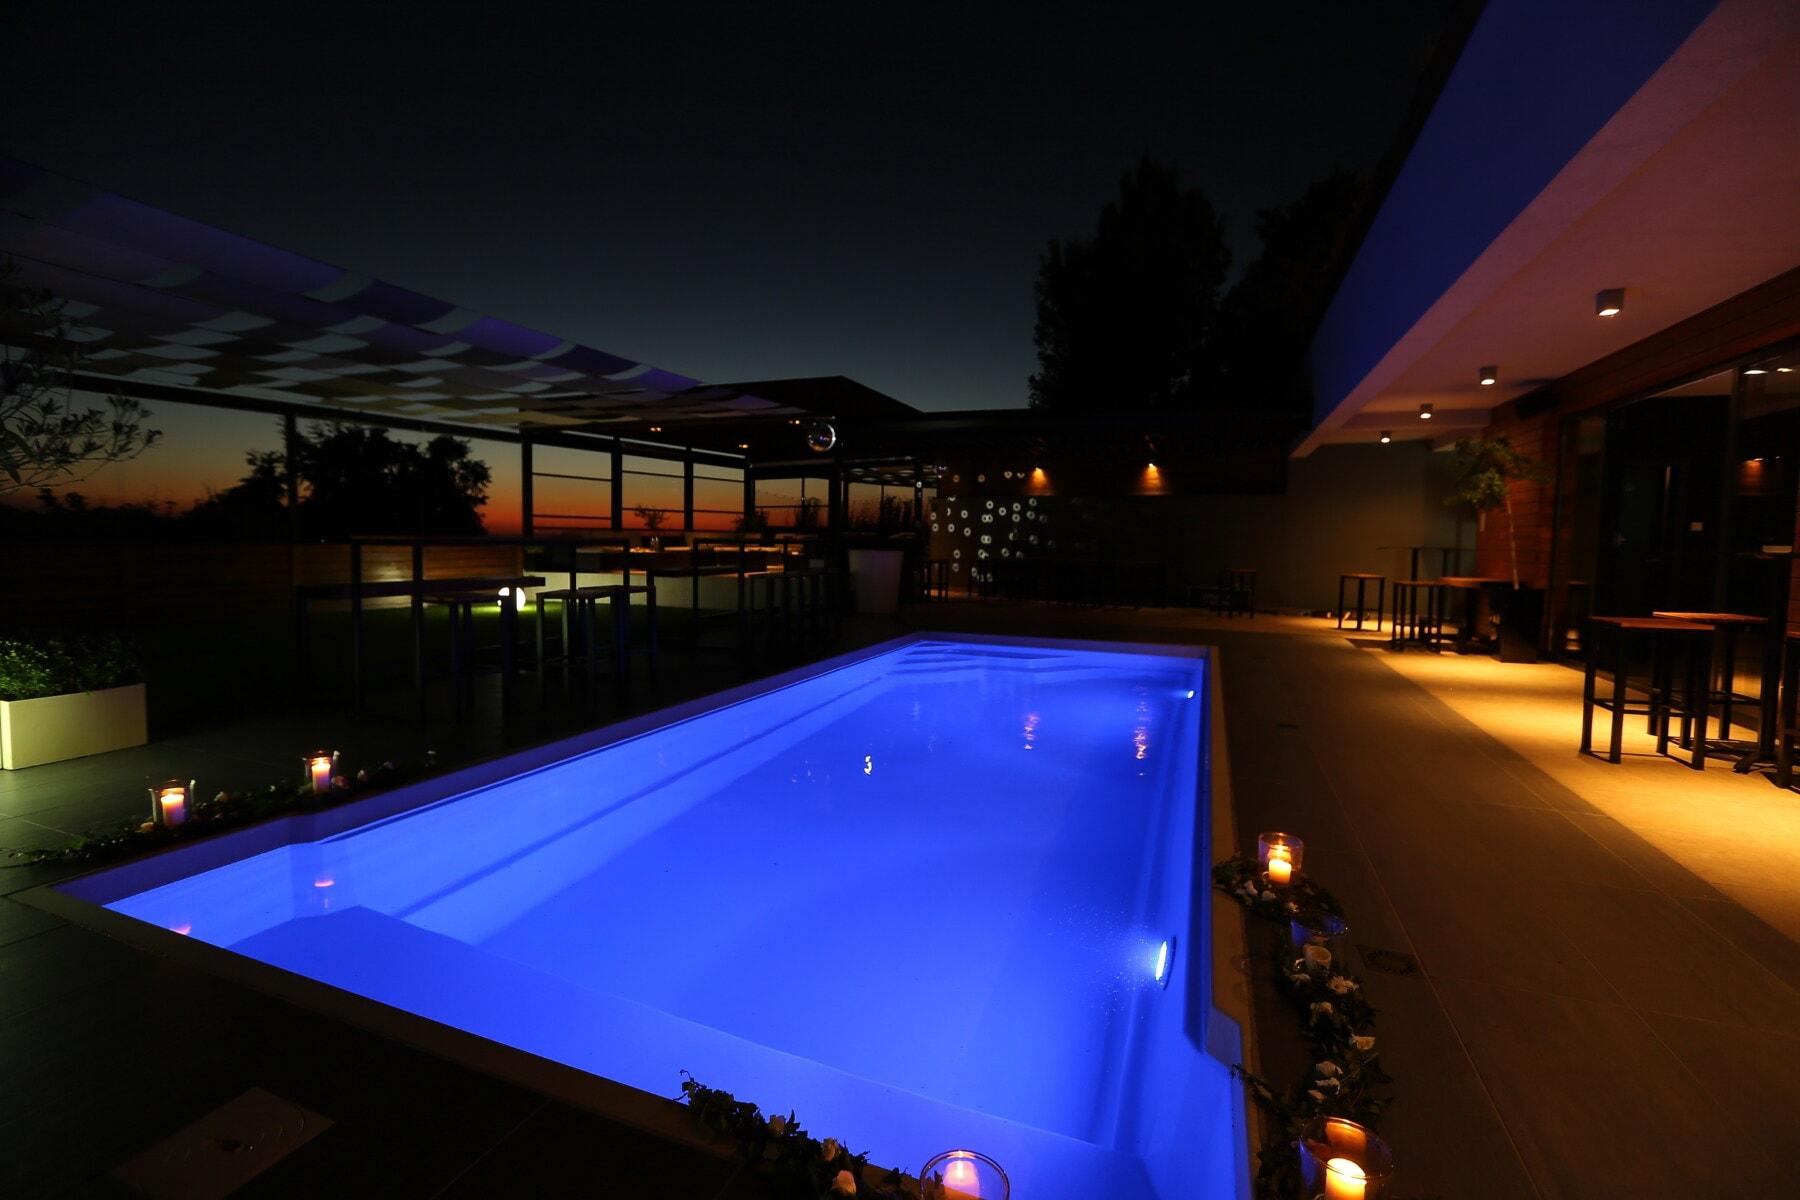 allas, hotelli, yö, Yökerho, mahtava, mieltymys, valo, ilta, arkkitehtuuri, hämärä